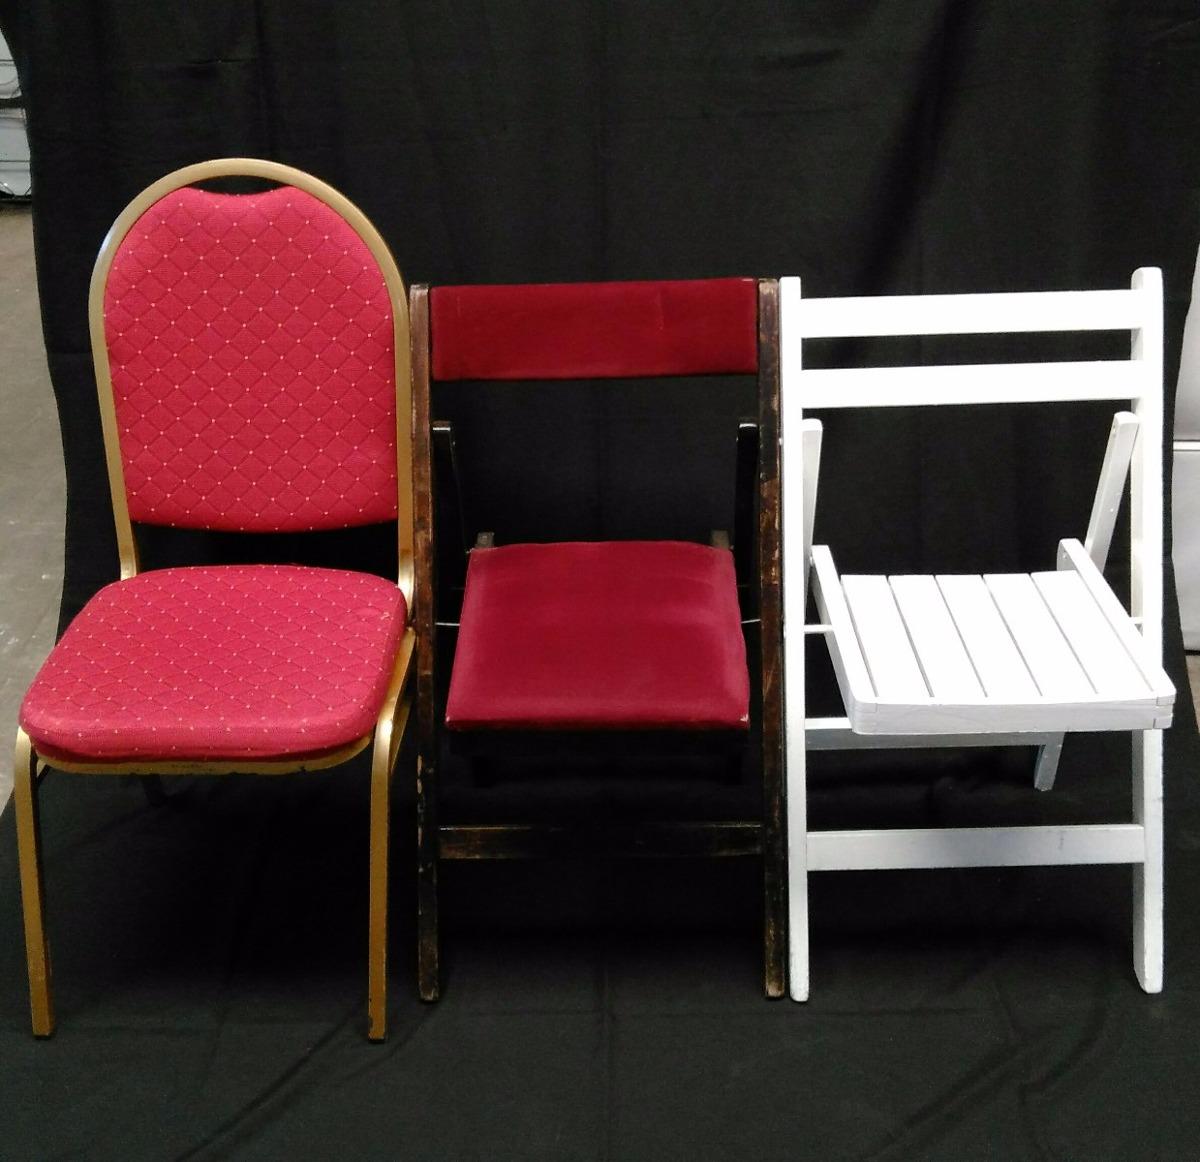 alquiler de sillas tiffany hoteleras blancas tapizadas